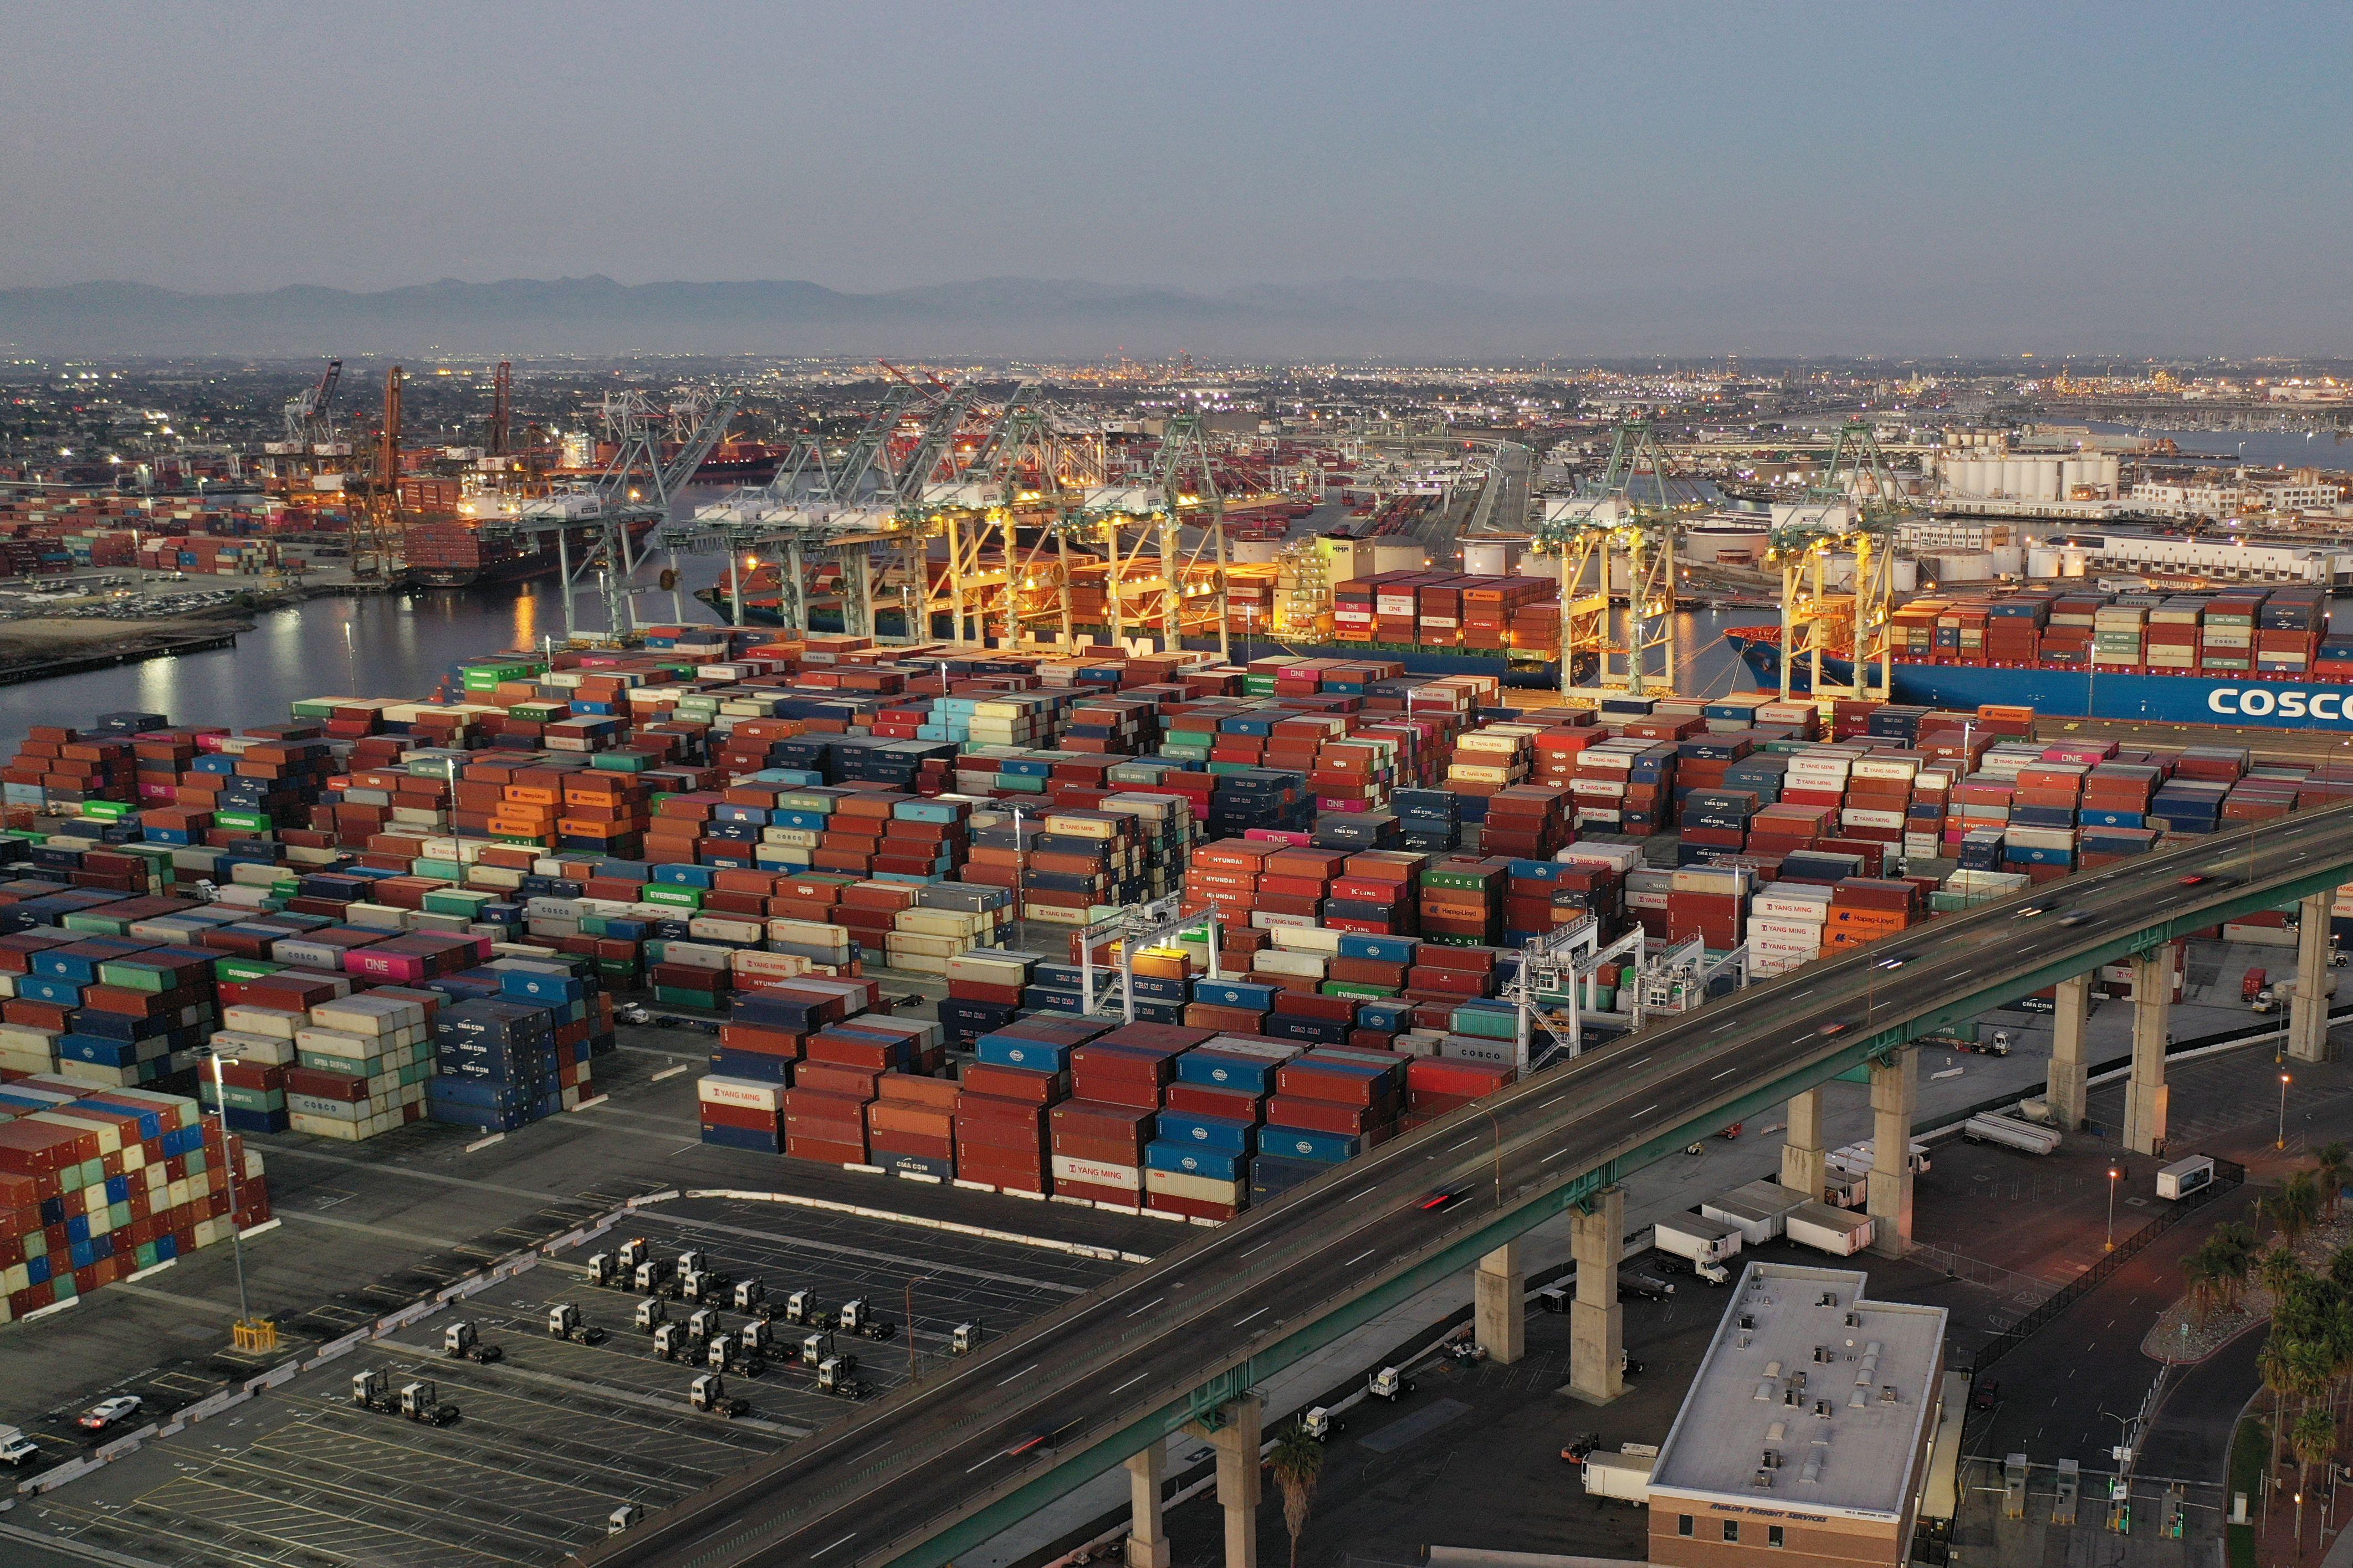 加州港口集裝箱棄社區 警方開400逾張罰單